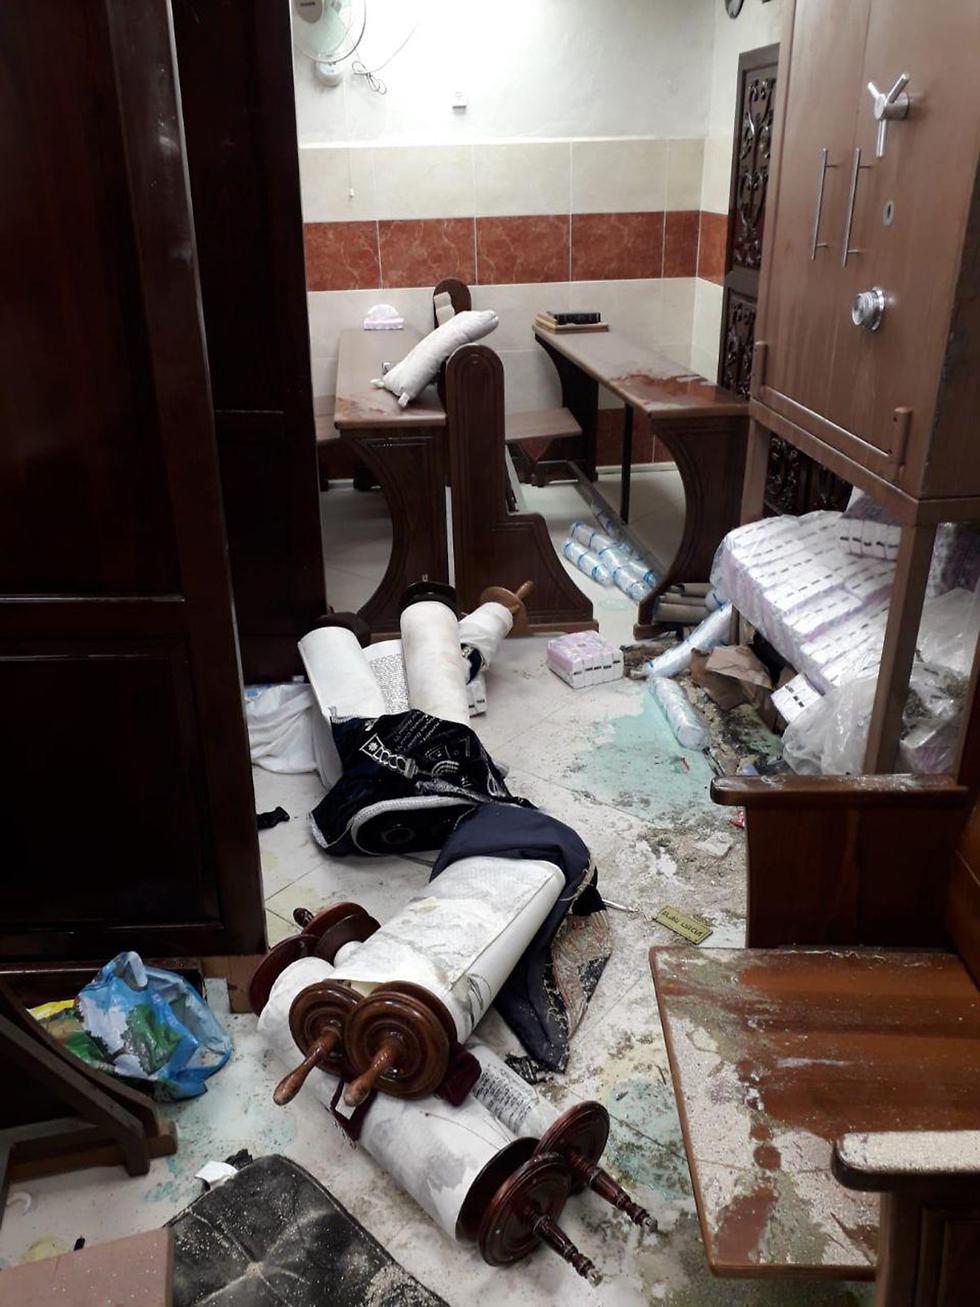 הנזק בבית הכנסת לאחר הפריצה ()